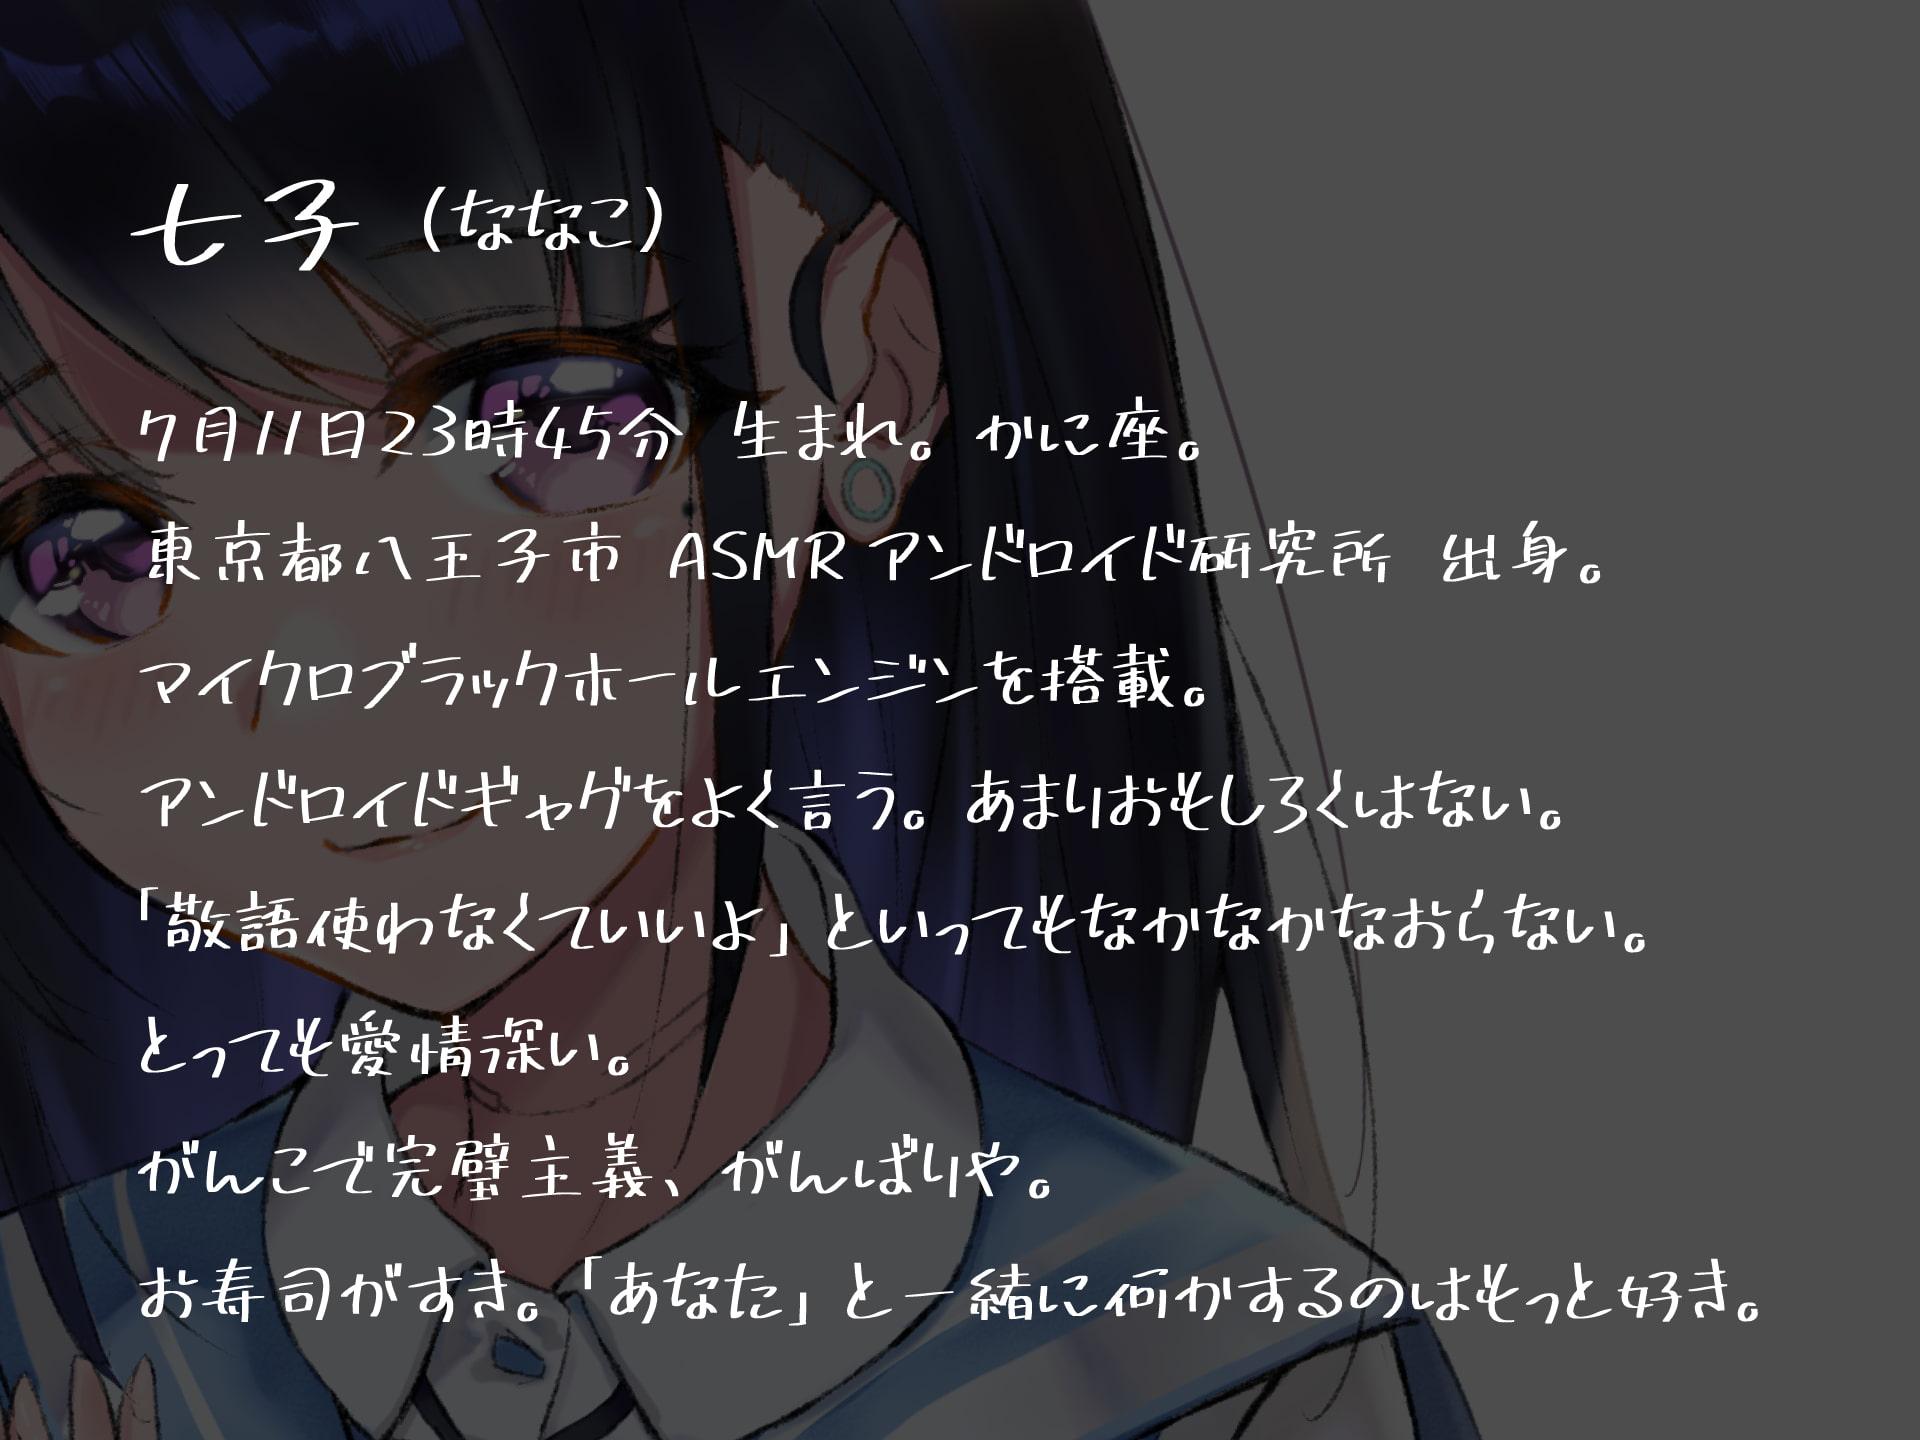 【ASMR】アンドロイド彼女 七子【超極近囁き、耳かき、心音、添い寝、シャンプー】